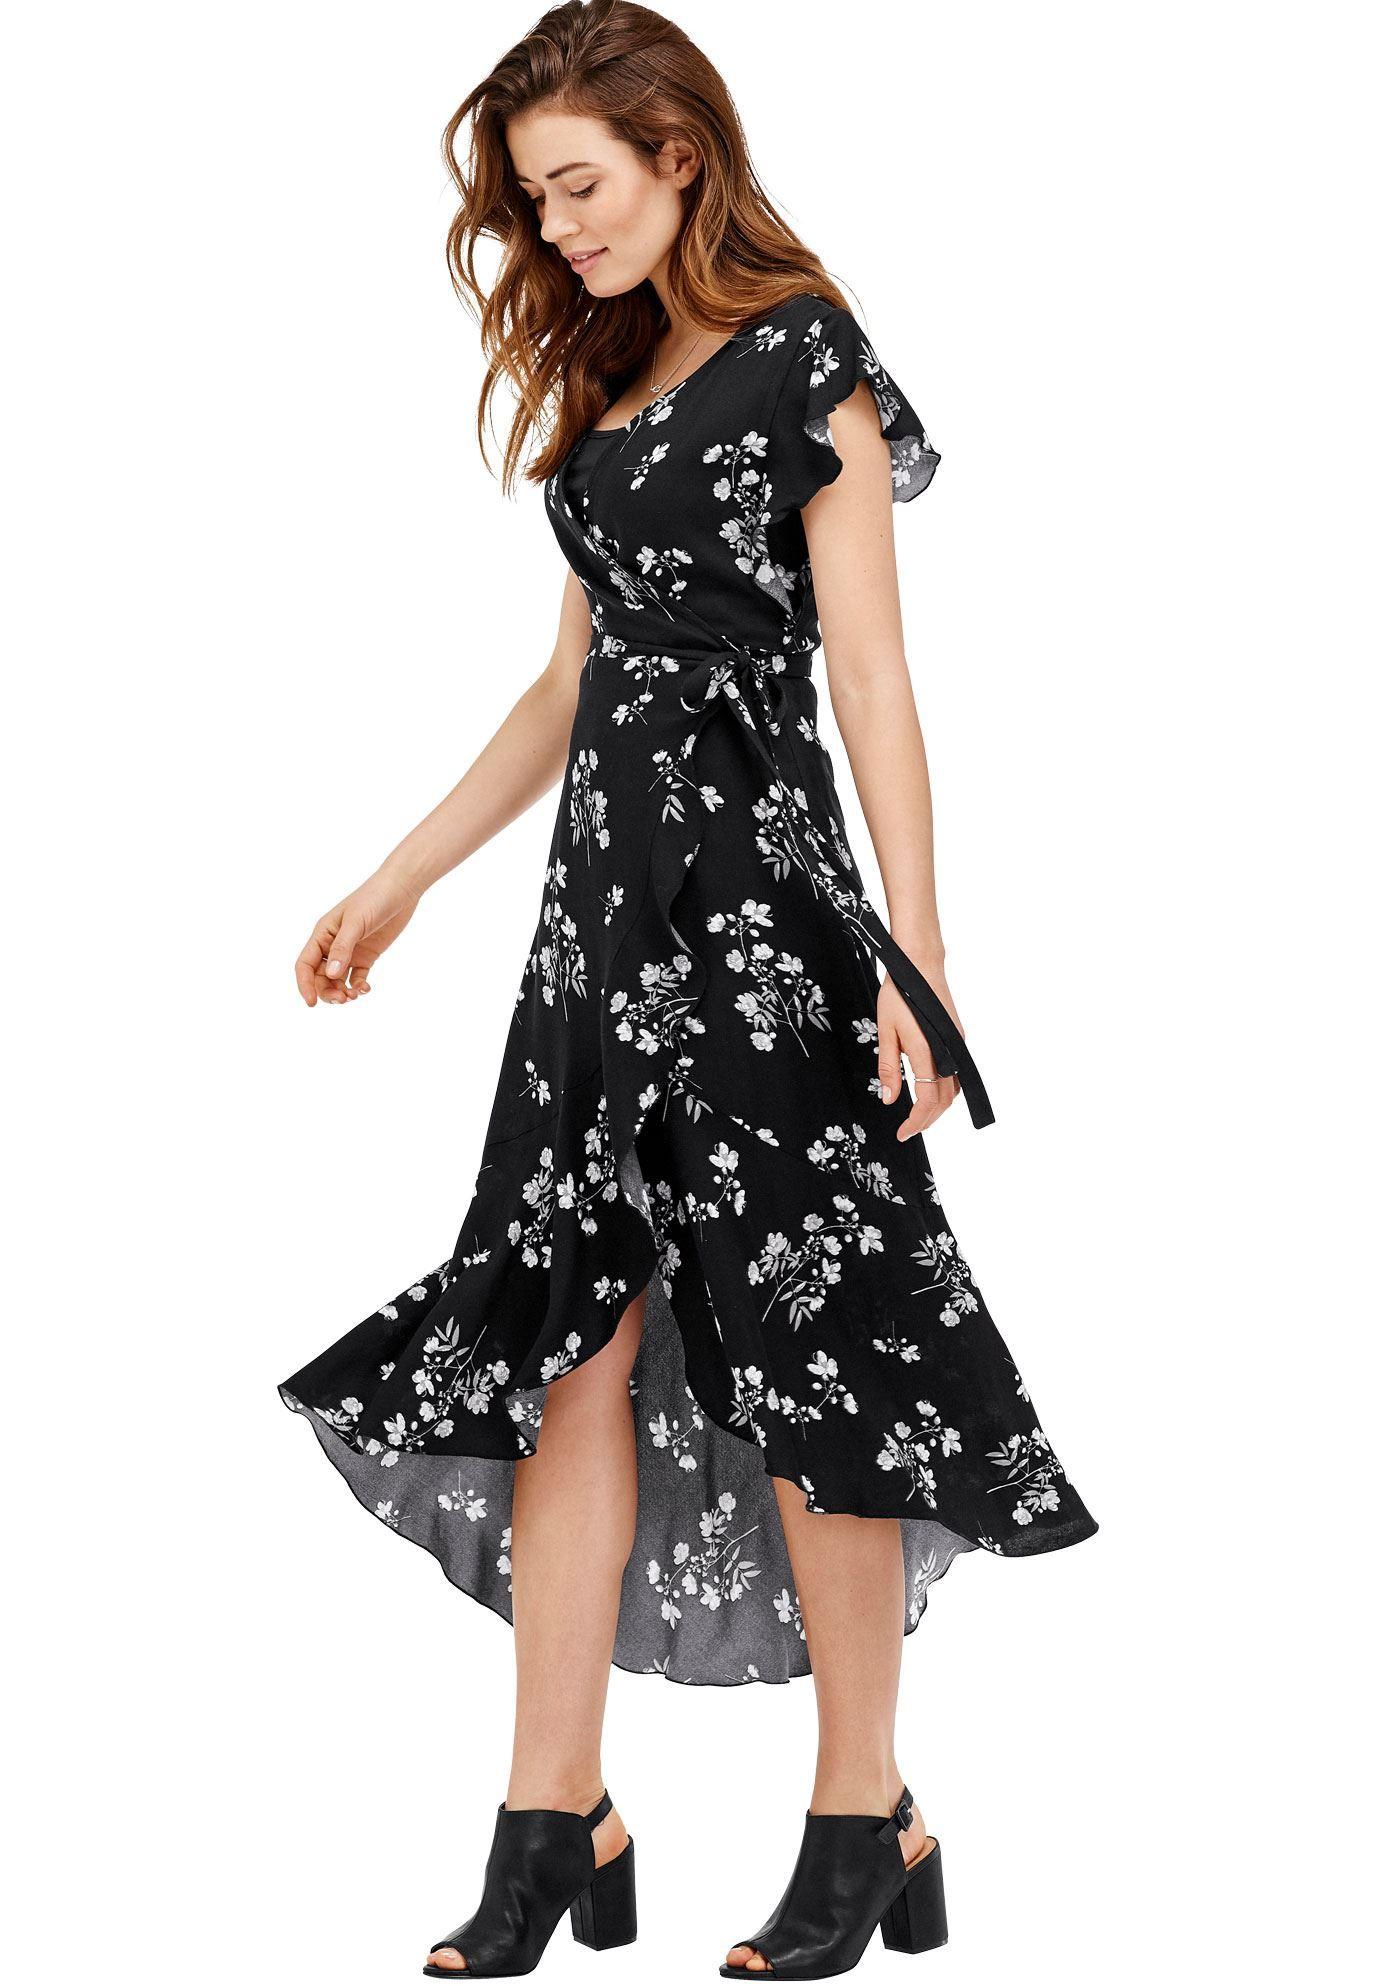 63895dd7eb Primrose Wrap dress by ellos - Women s Plus Size Clothing